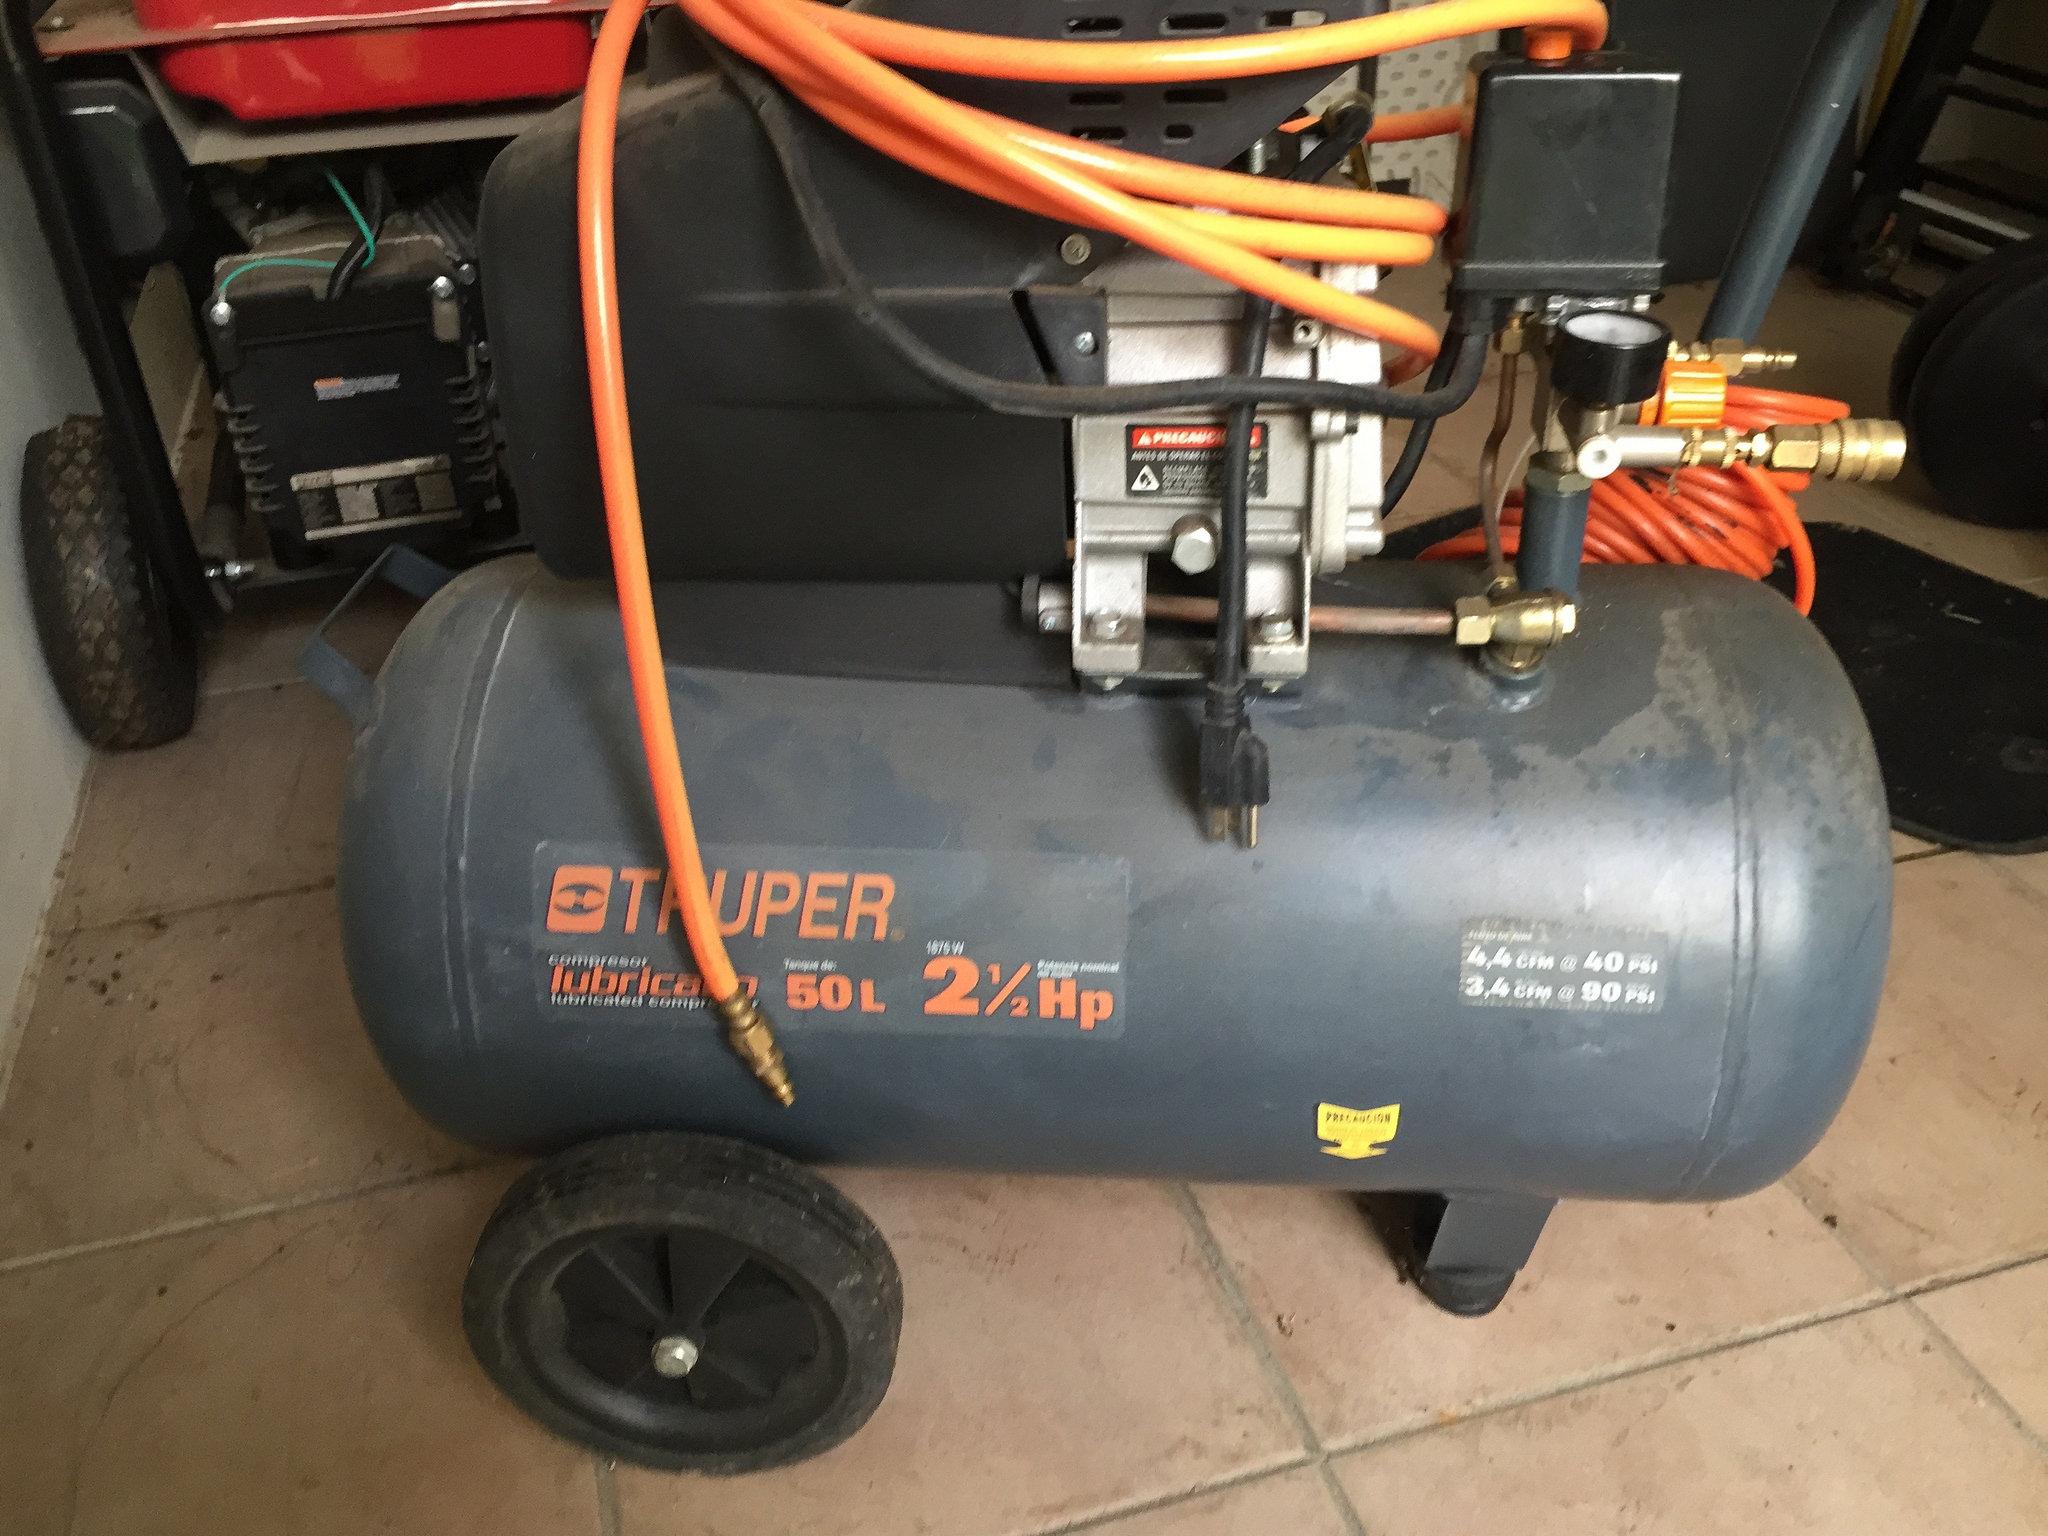 Procedimientos de mantenimiento de compresores de aire y todo sobre cómo realizar el mantenimiento compresor de aire